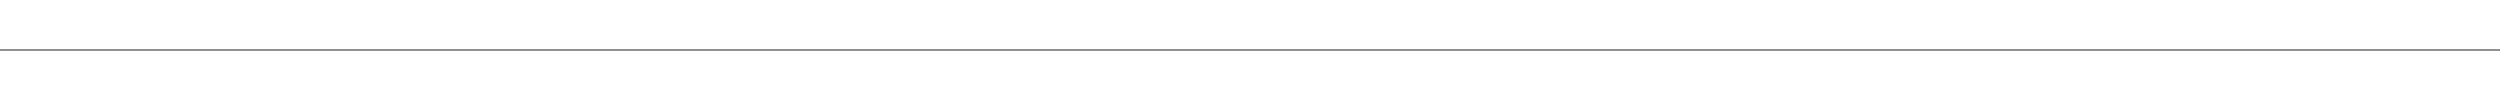 Divider Line.jpg